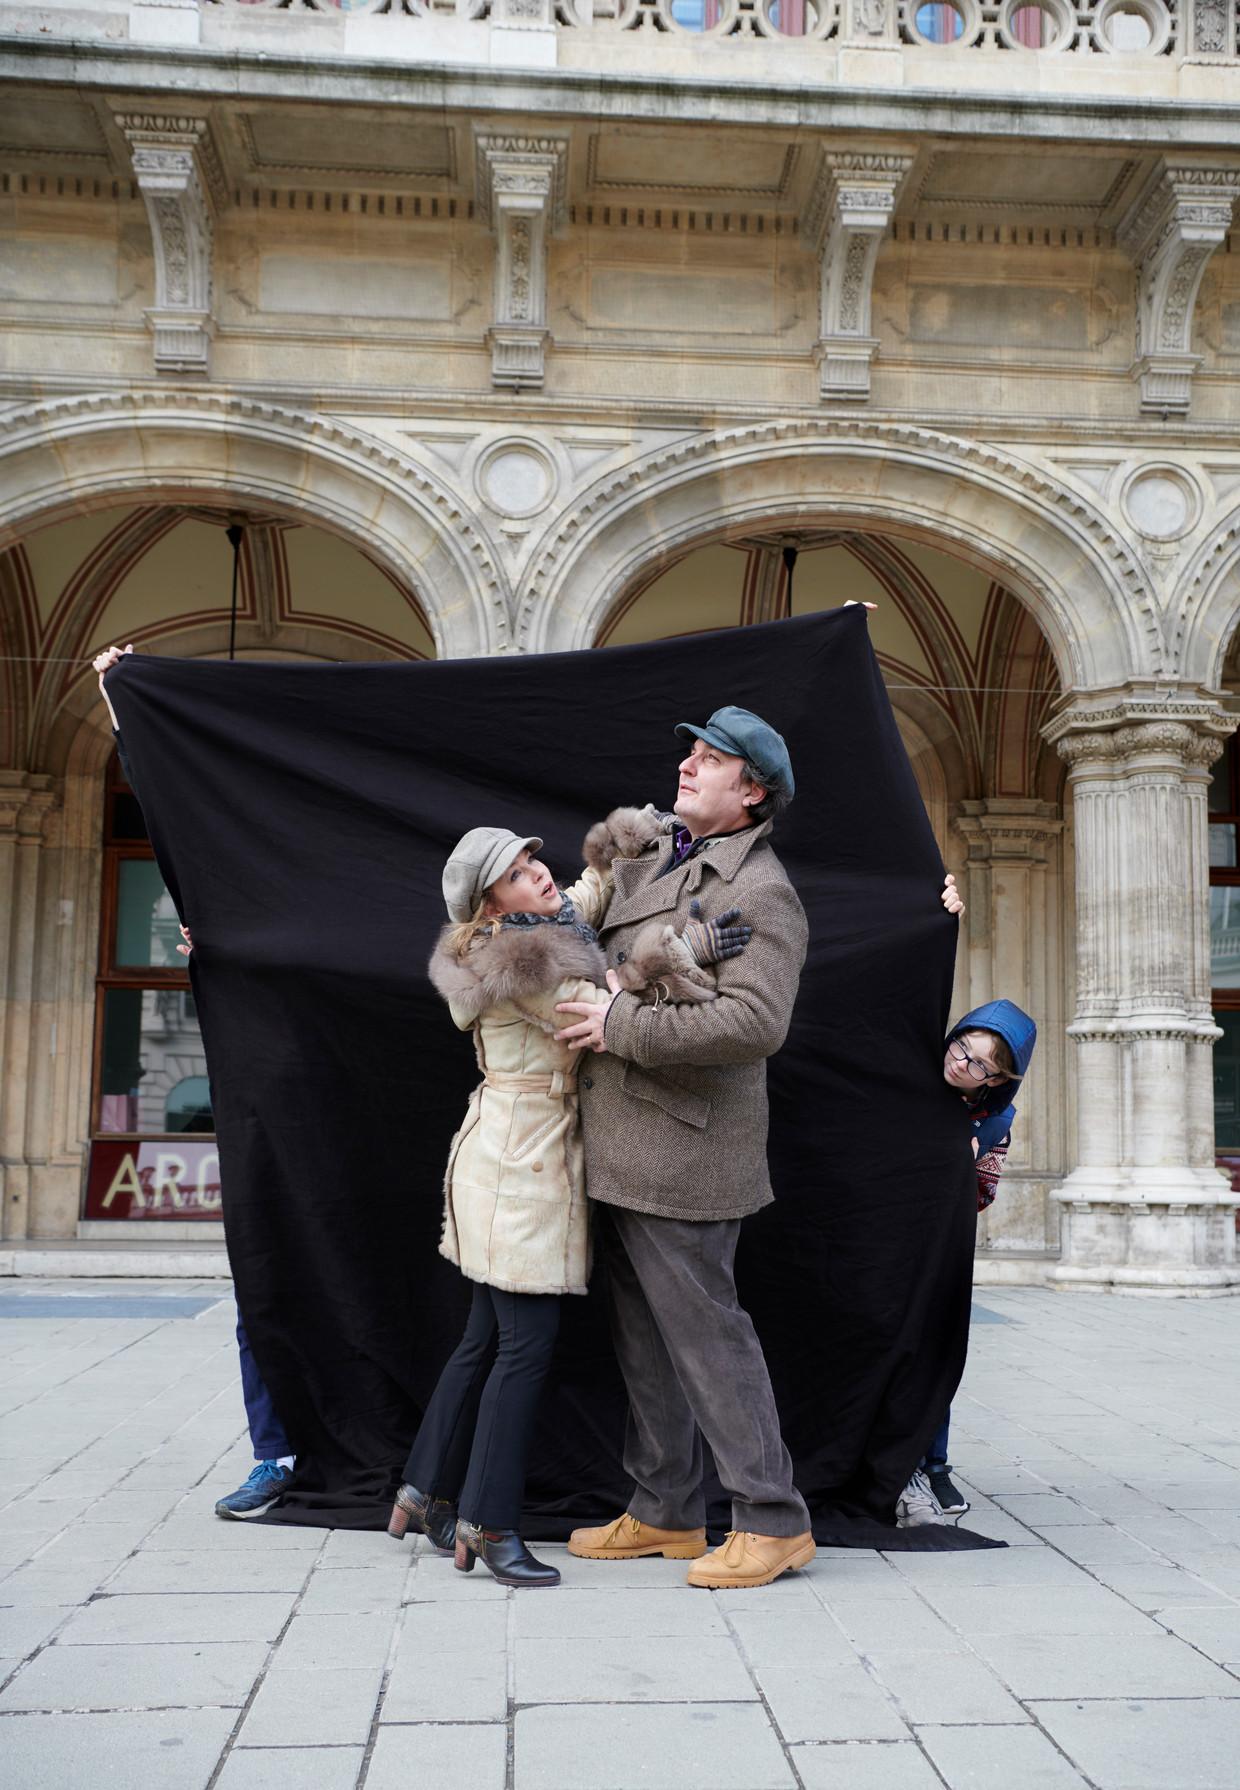 Ludovic Tézier en zijn vrouw, sopraan Cassandre Berthon, voor het operahuis in Wenen.